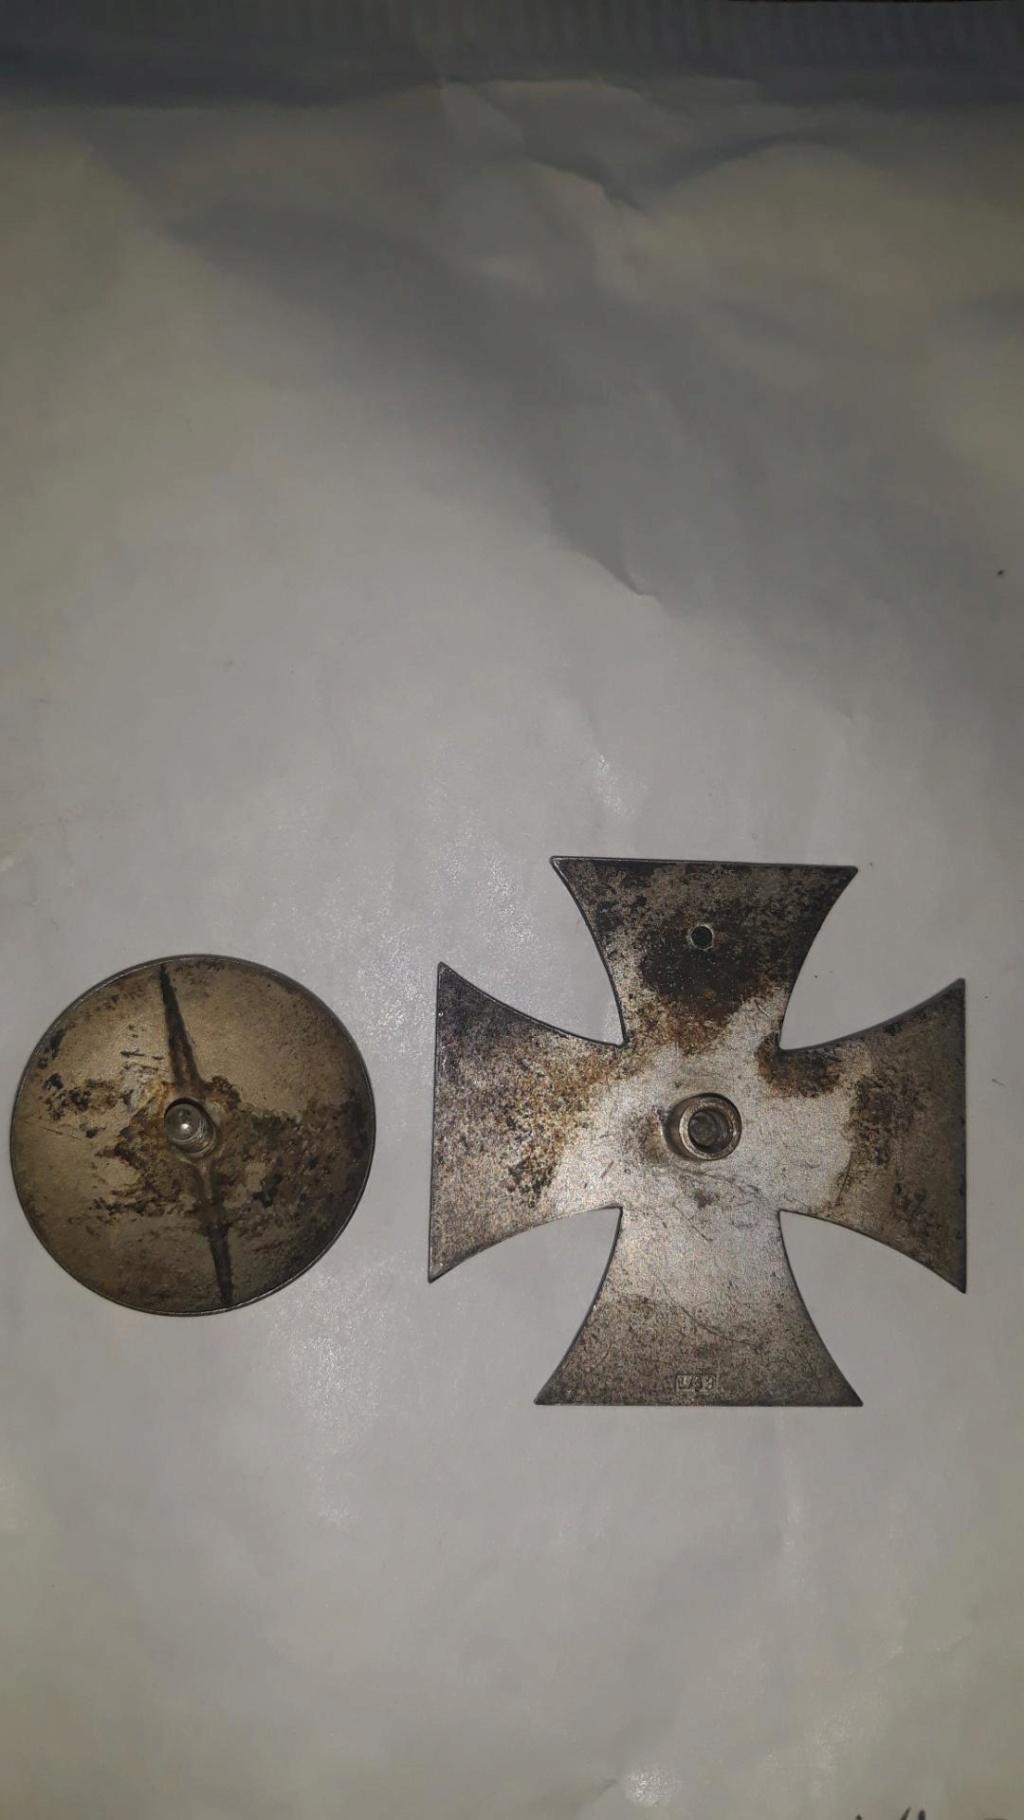 estimation croix de fer 1classe  Resize12